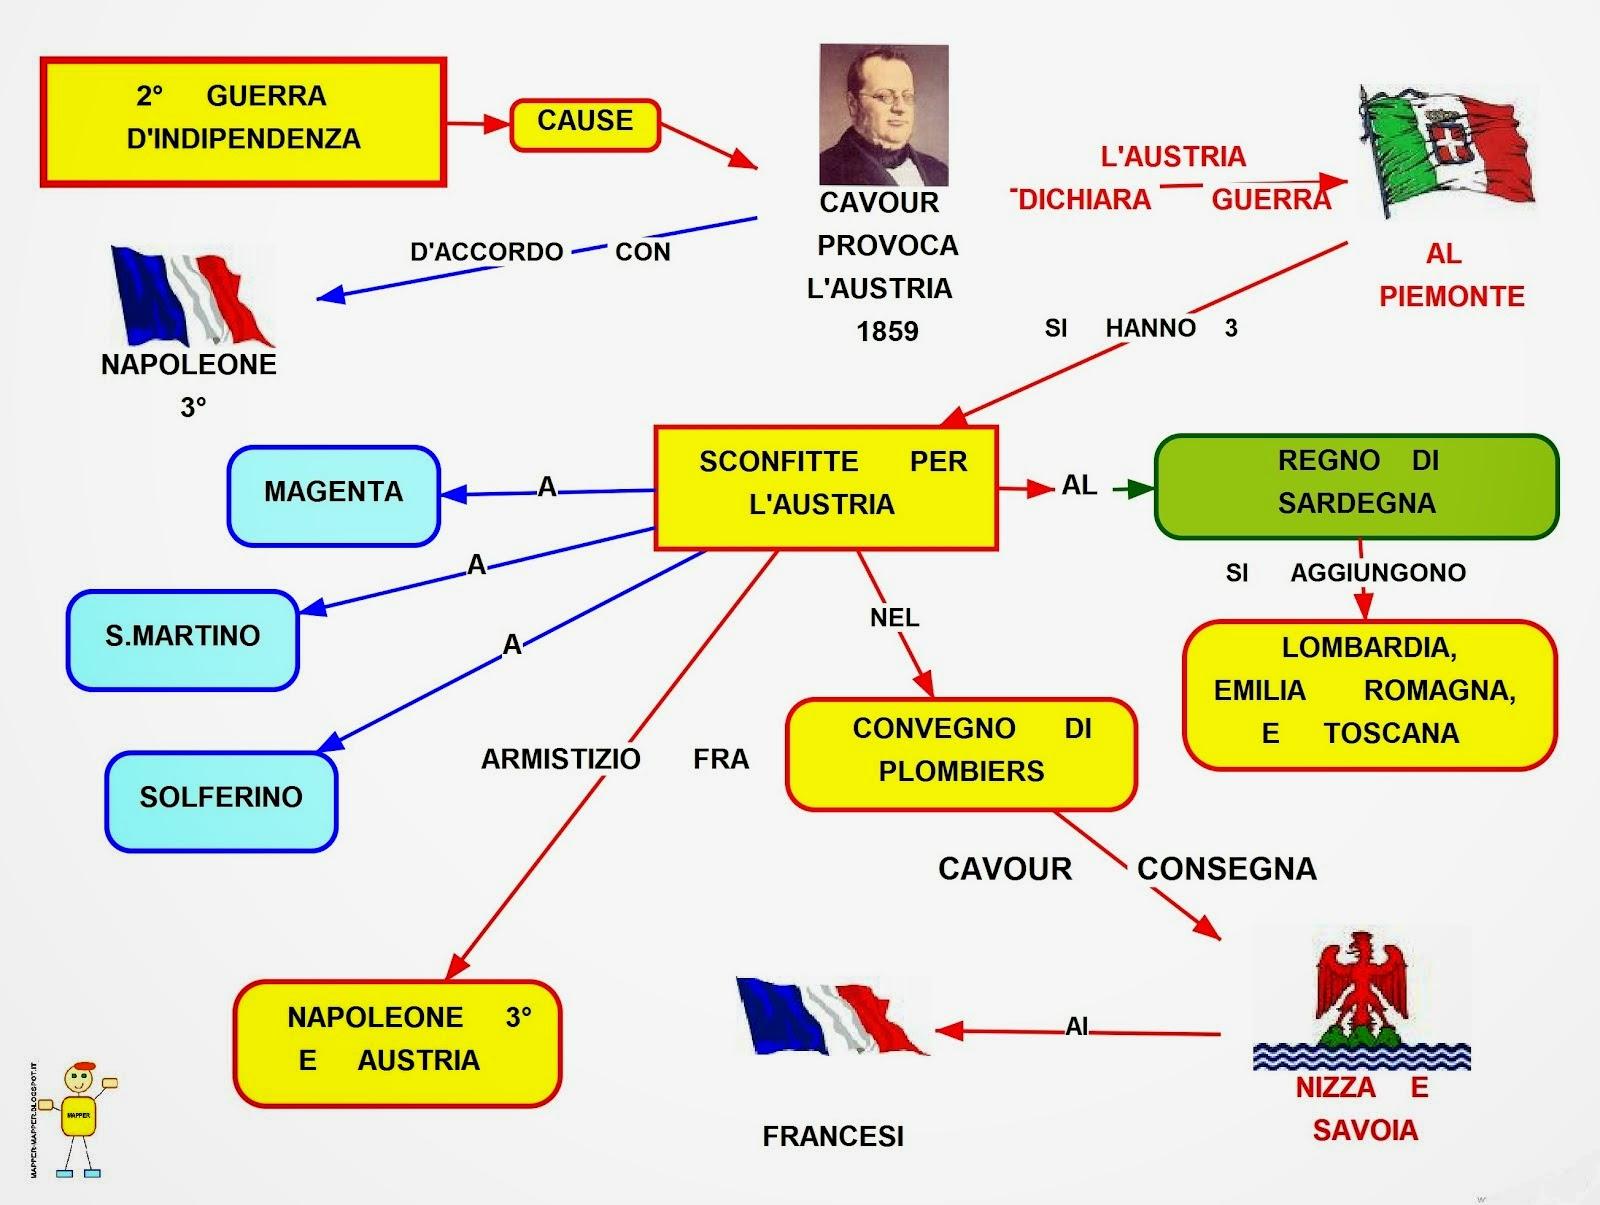 Mappa Concettuale 2 Guerra Dindipendenza Scuolissimacom